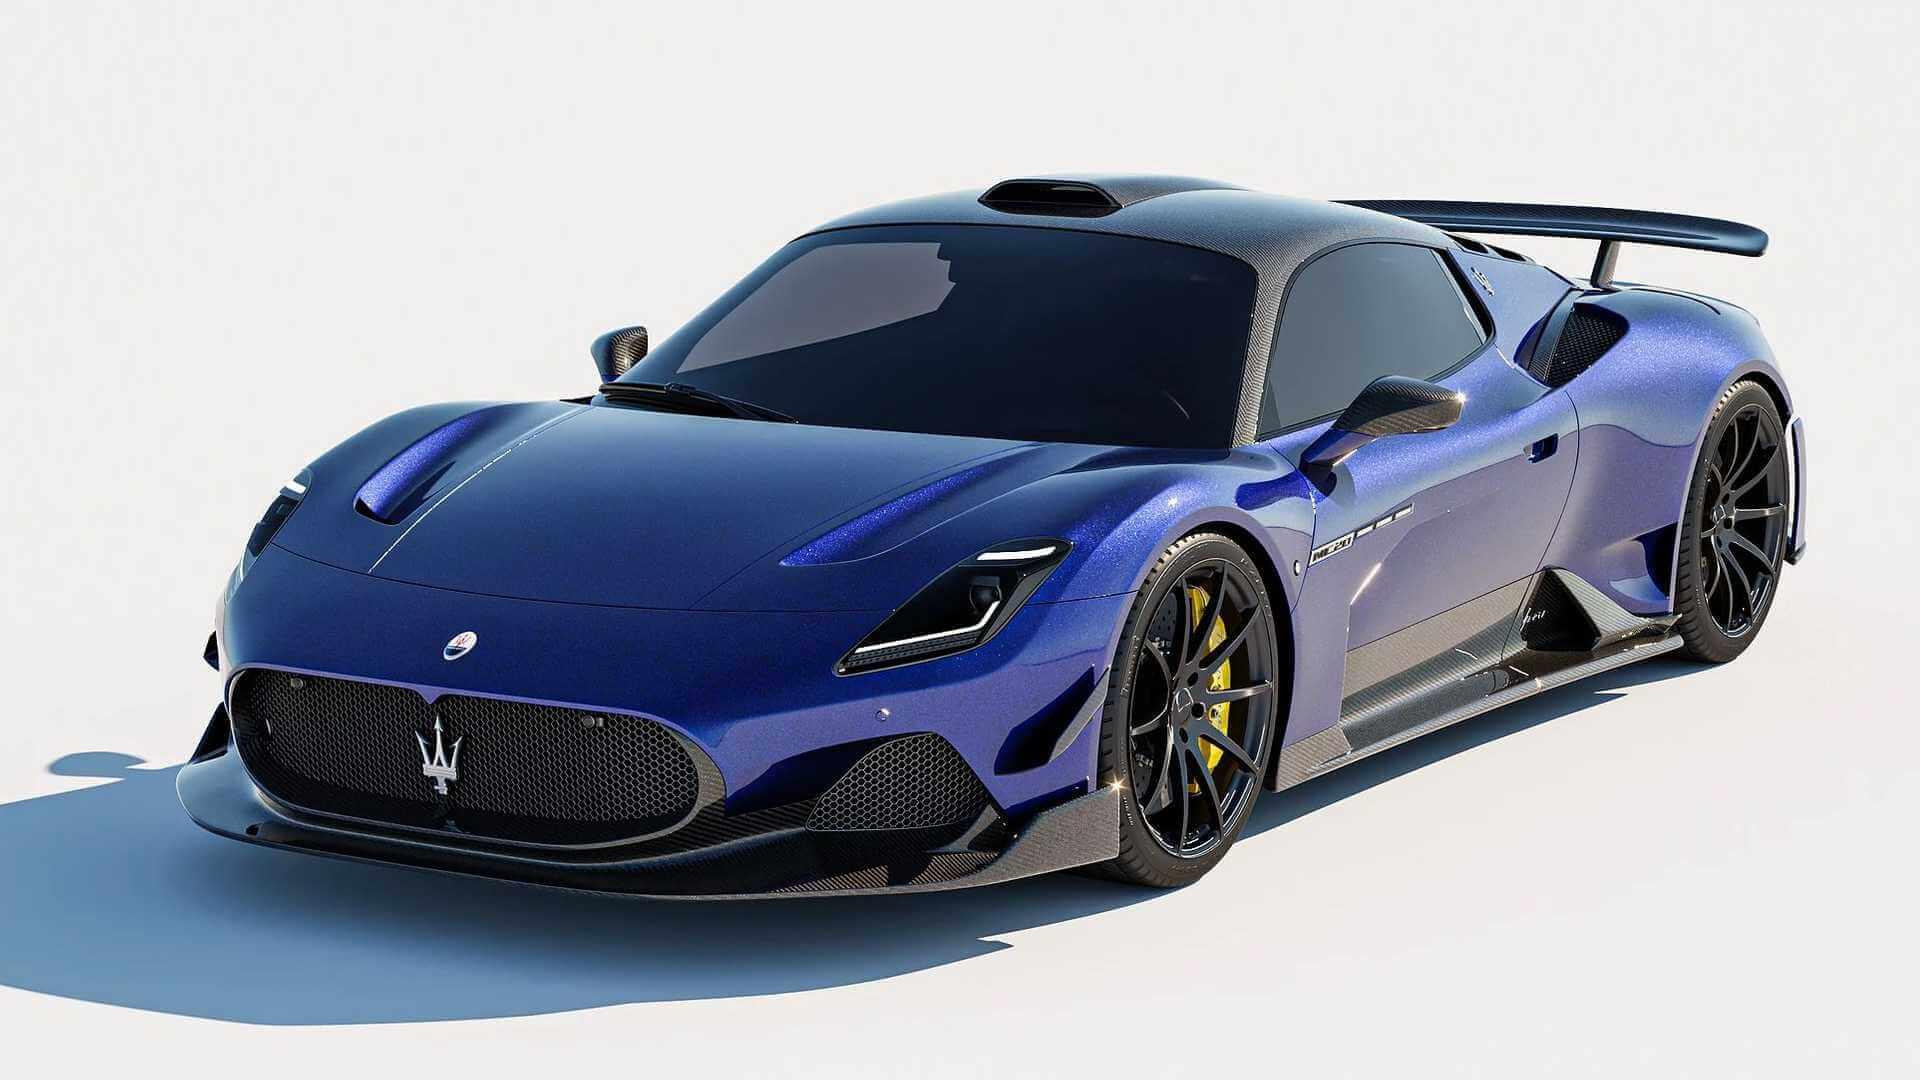 Maserati MC20 tuning